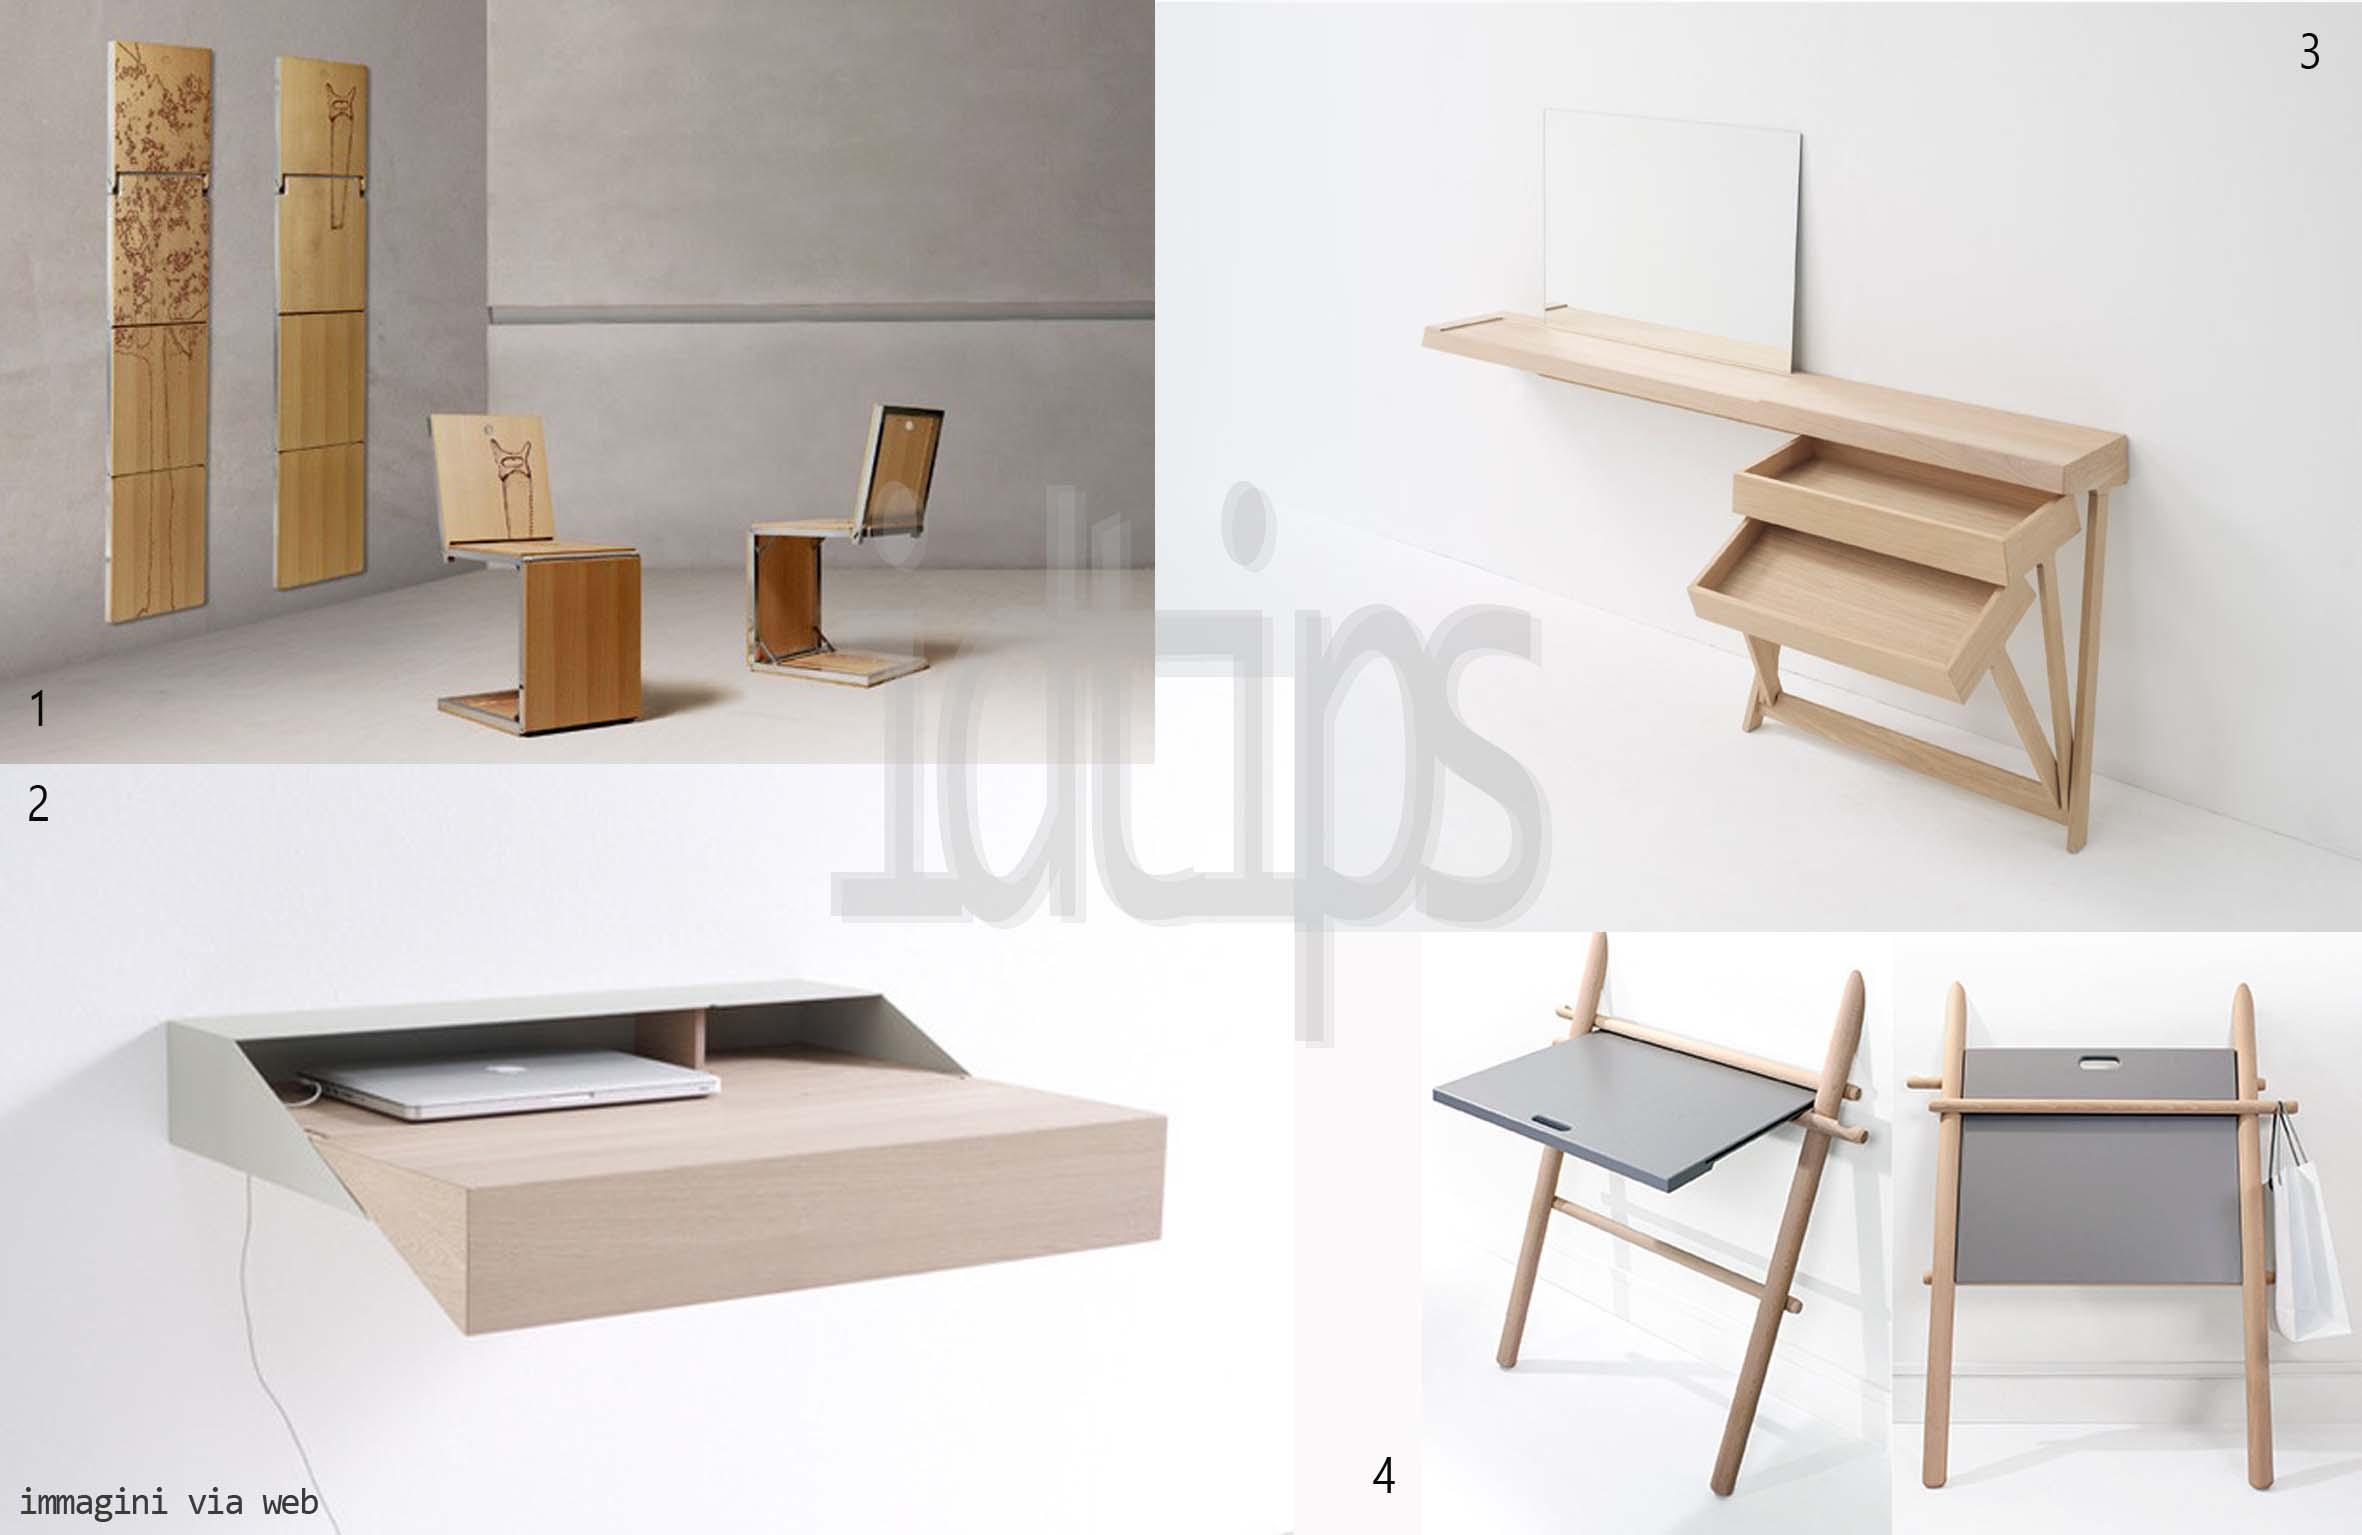 Piccoli spazi grandi idee for Piccoli piani artistici per artigiani